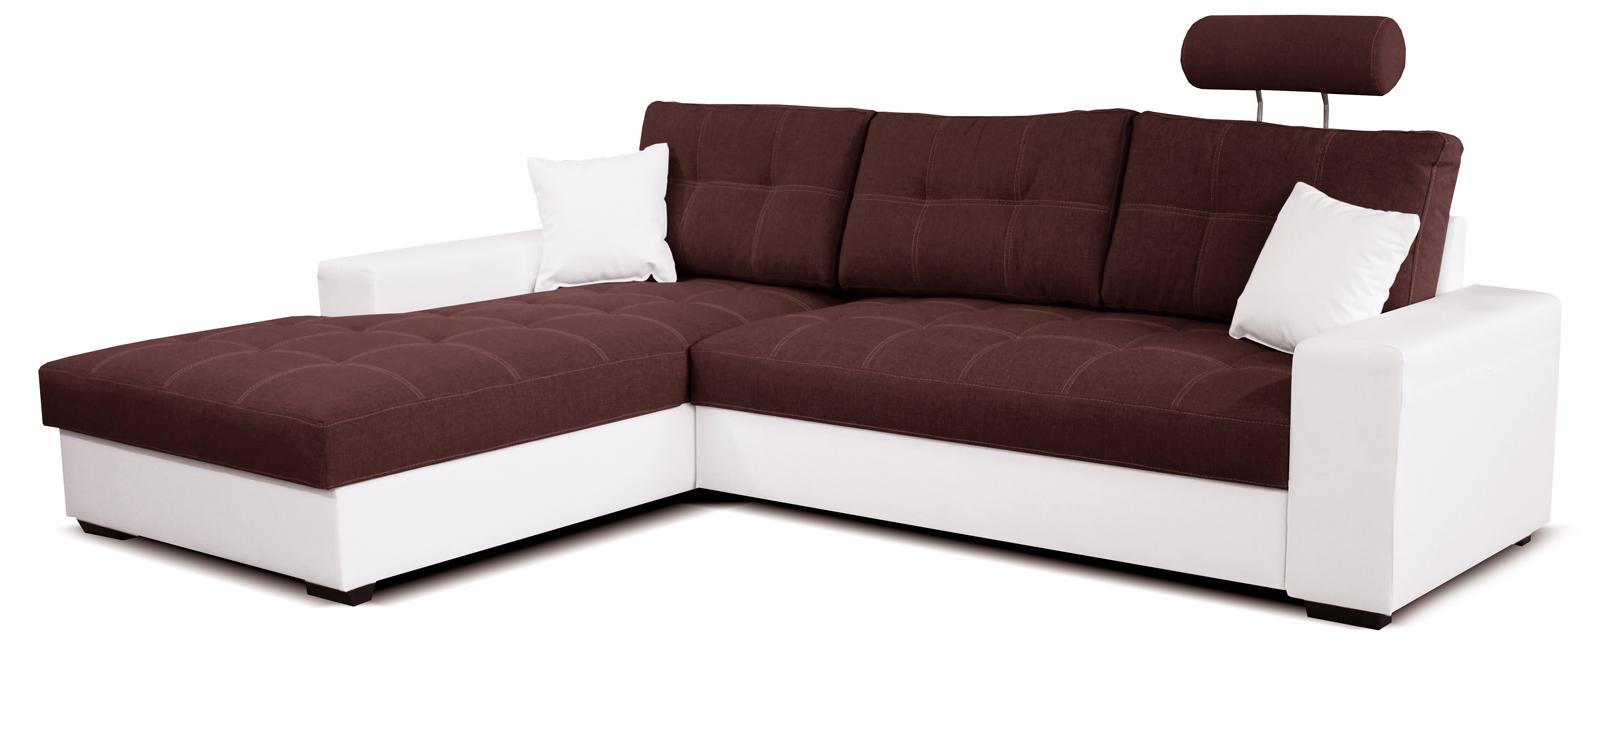 Rohová sedací souprava - Po-Sed - Corato L+2F (bordó + bílá) (L)